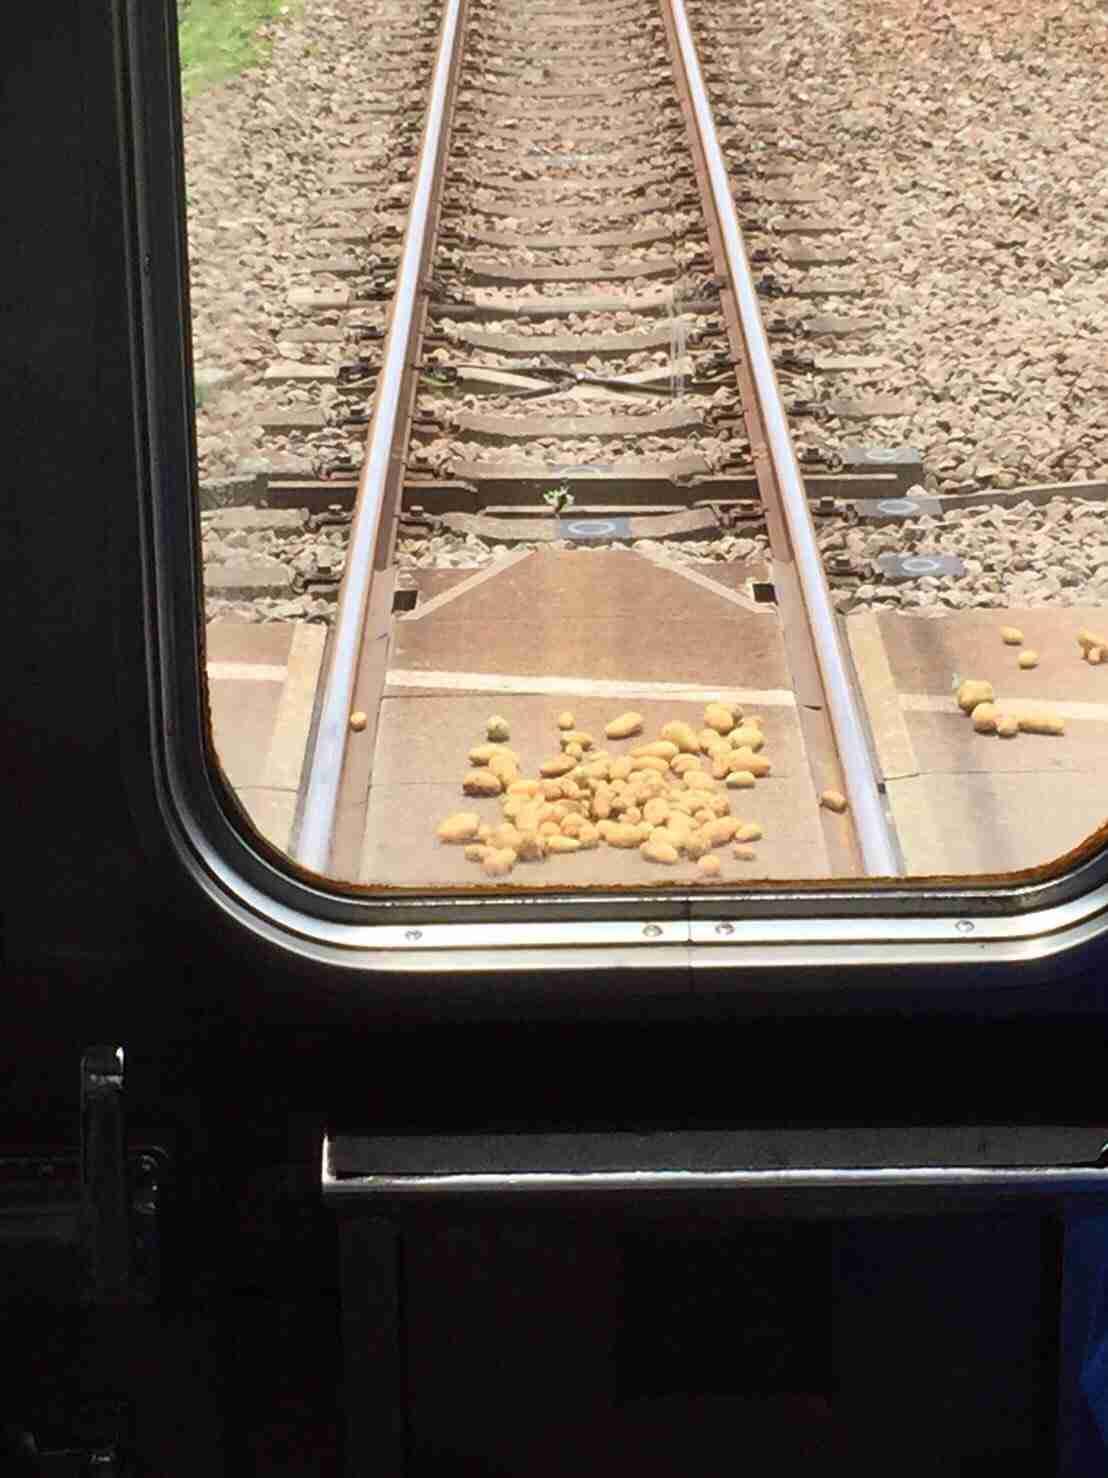 年寄りが線路内に置き石ならぬ置き芋をしたため列車が停止 運転手が芋を撤去 | ゴゴ通信